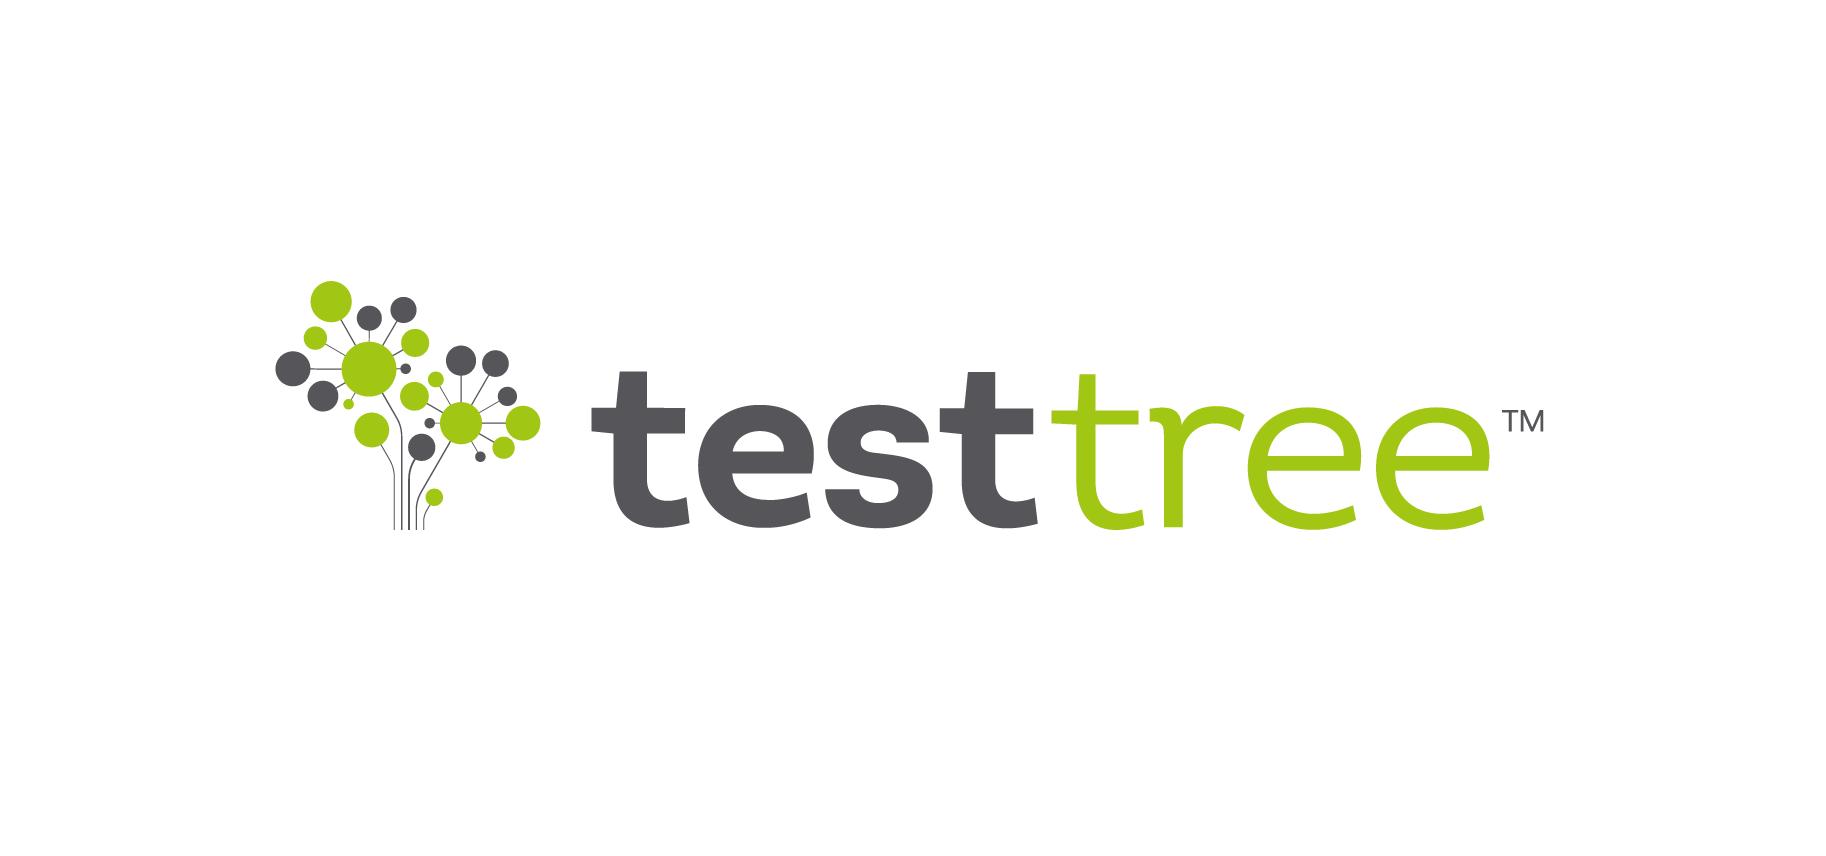 testtree